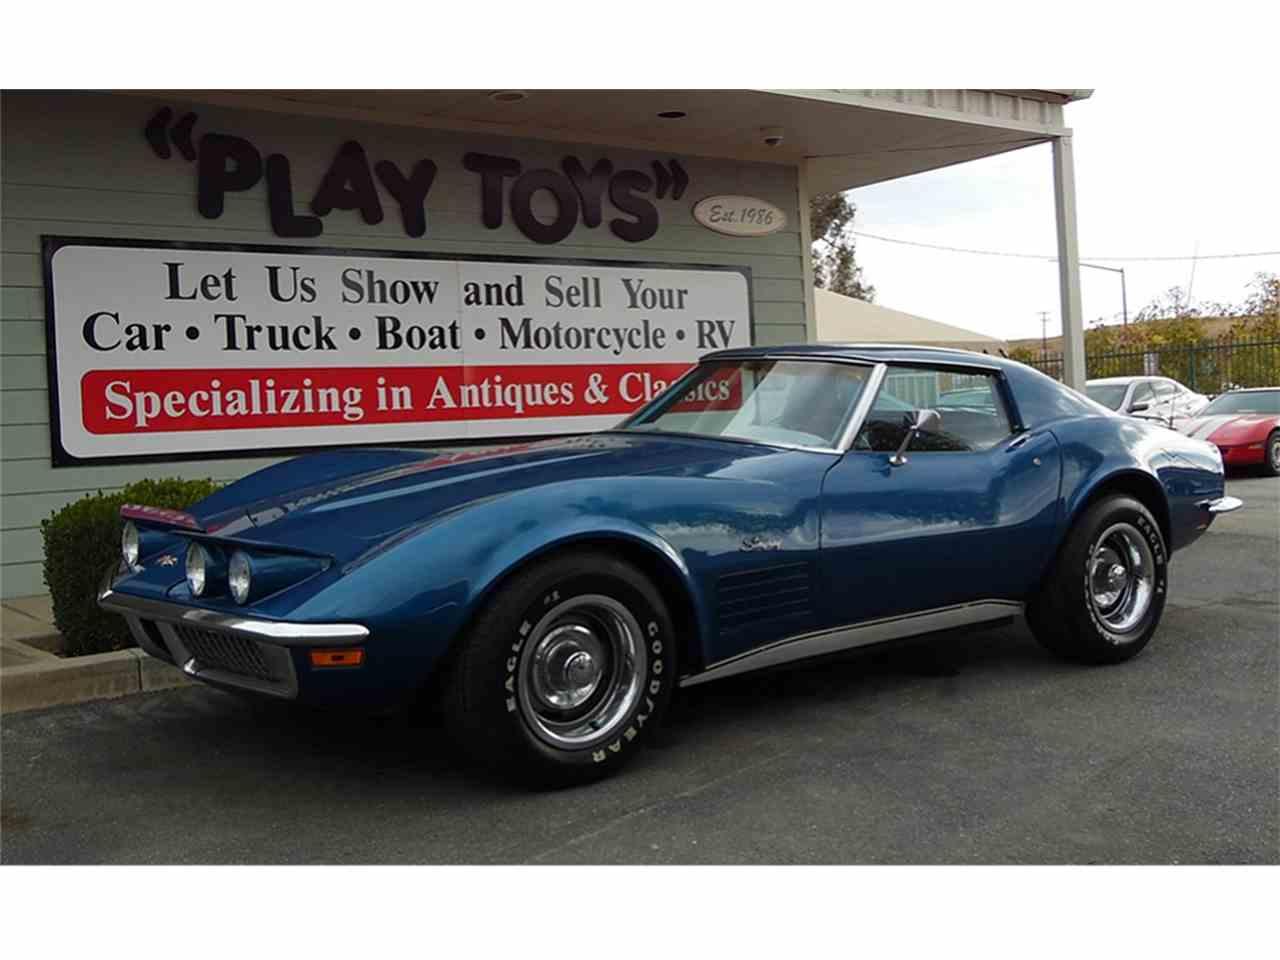 Corvette 1970 chevrolet corvette stingray : 1970 Chevrolet Corvette for Sale on ClassicCars.com